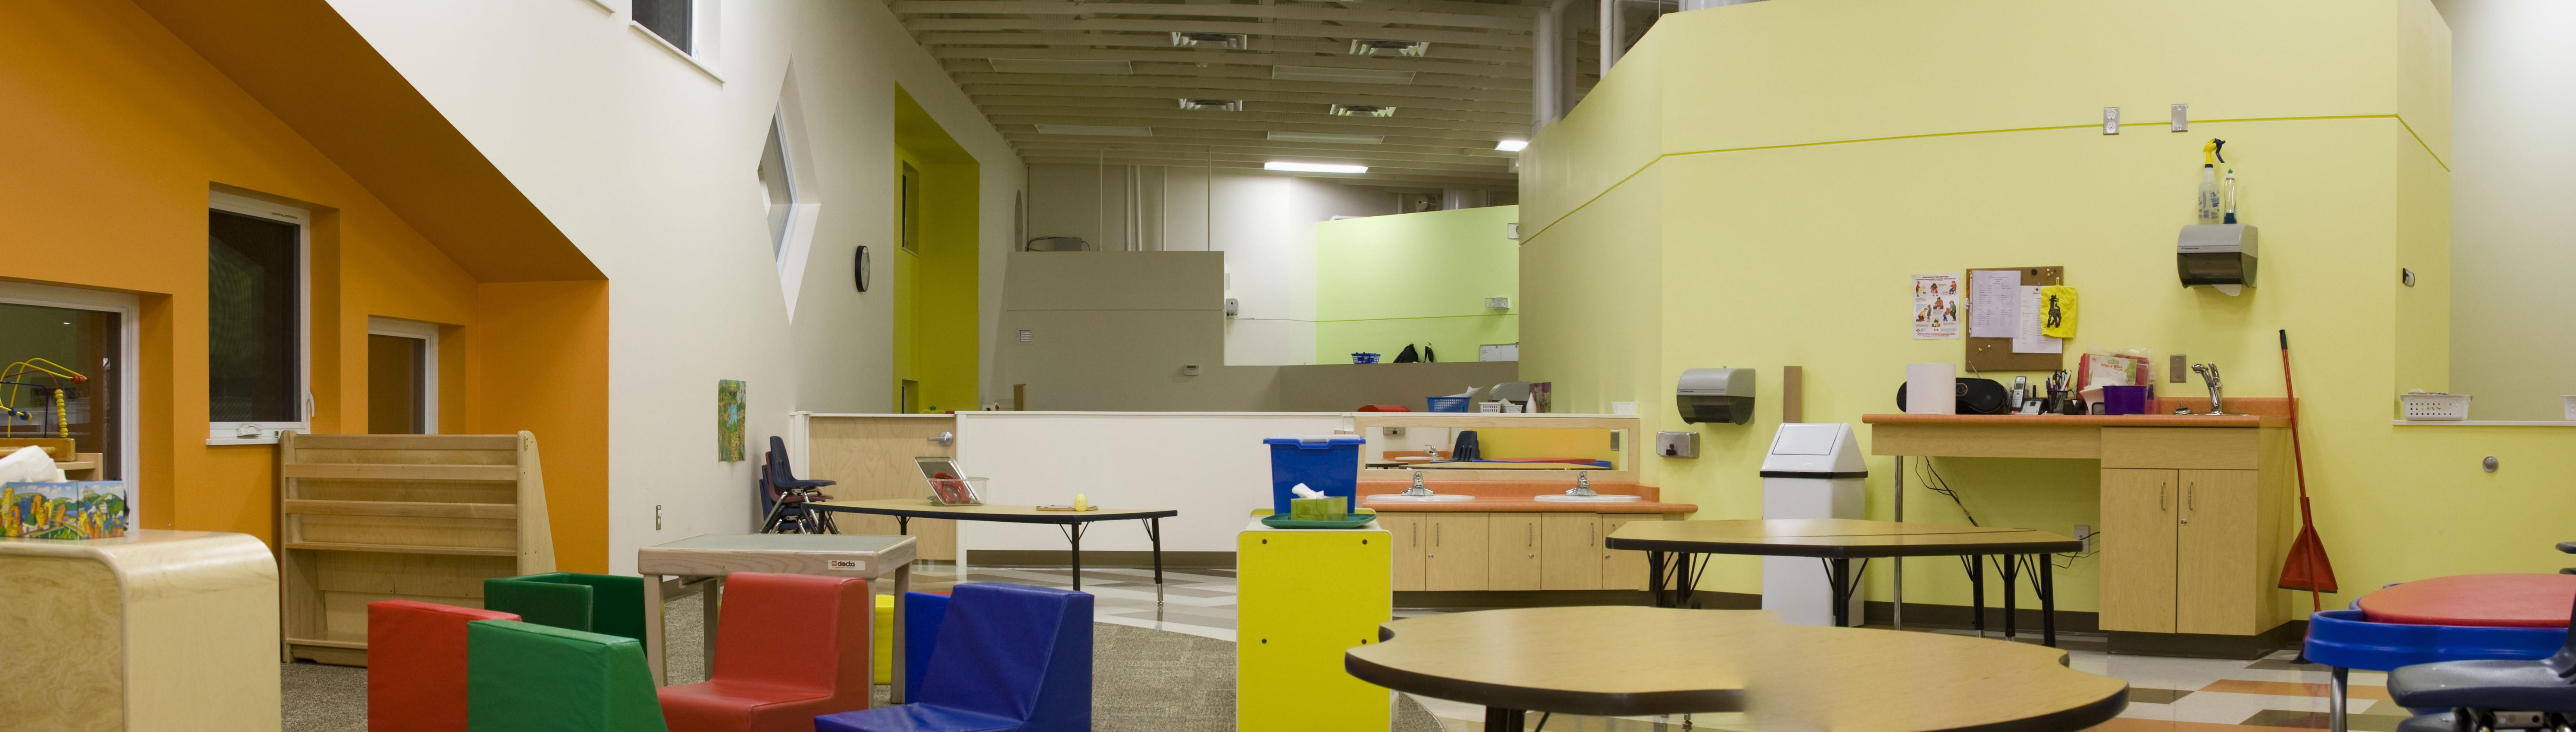 UWSA Daycare University Of Winnipeg